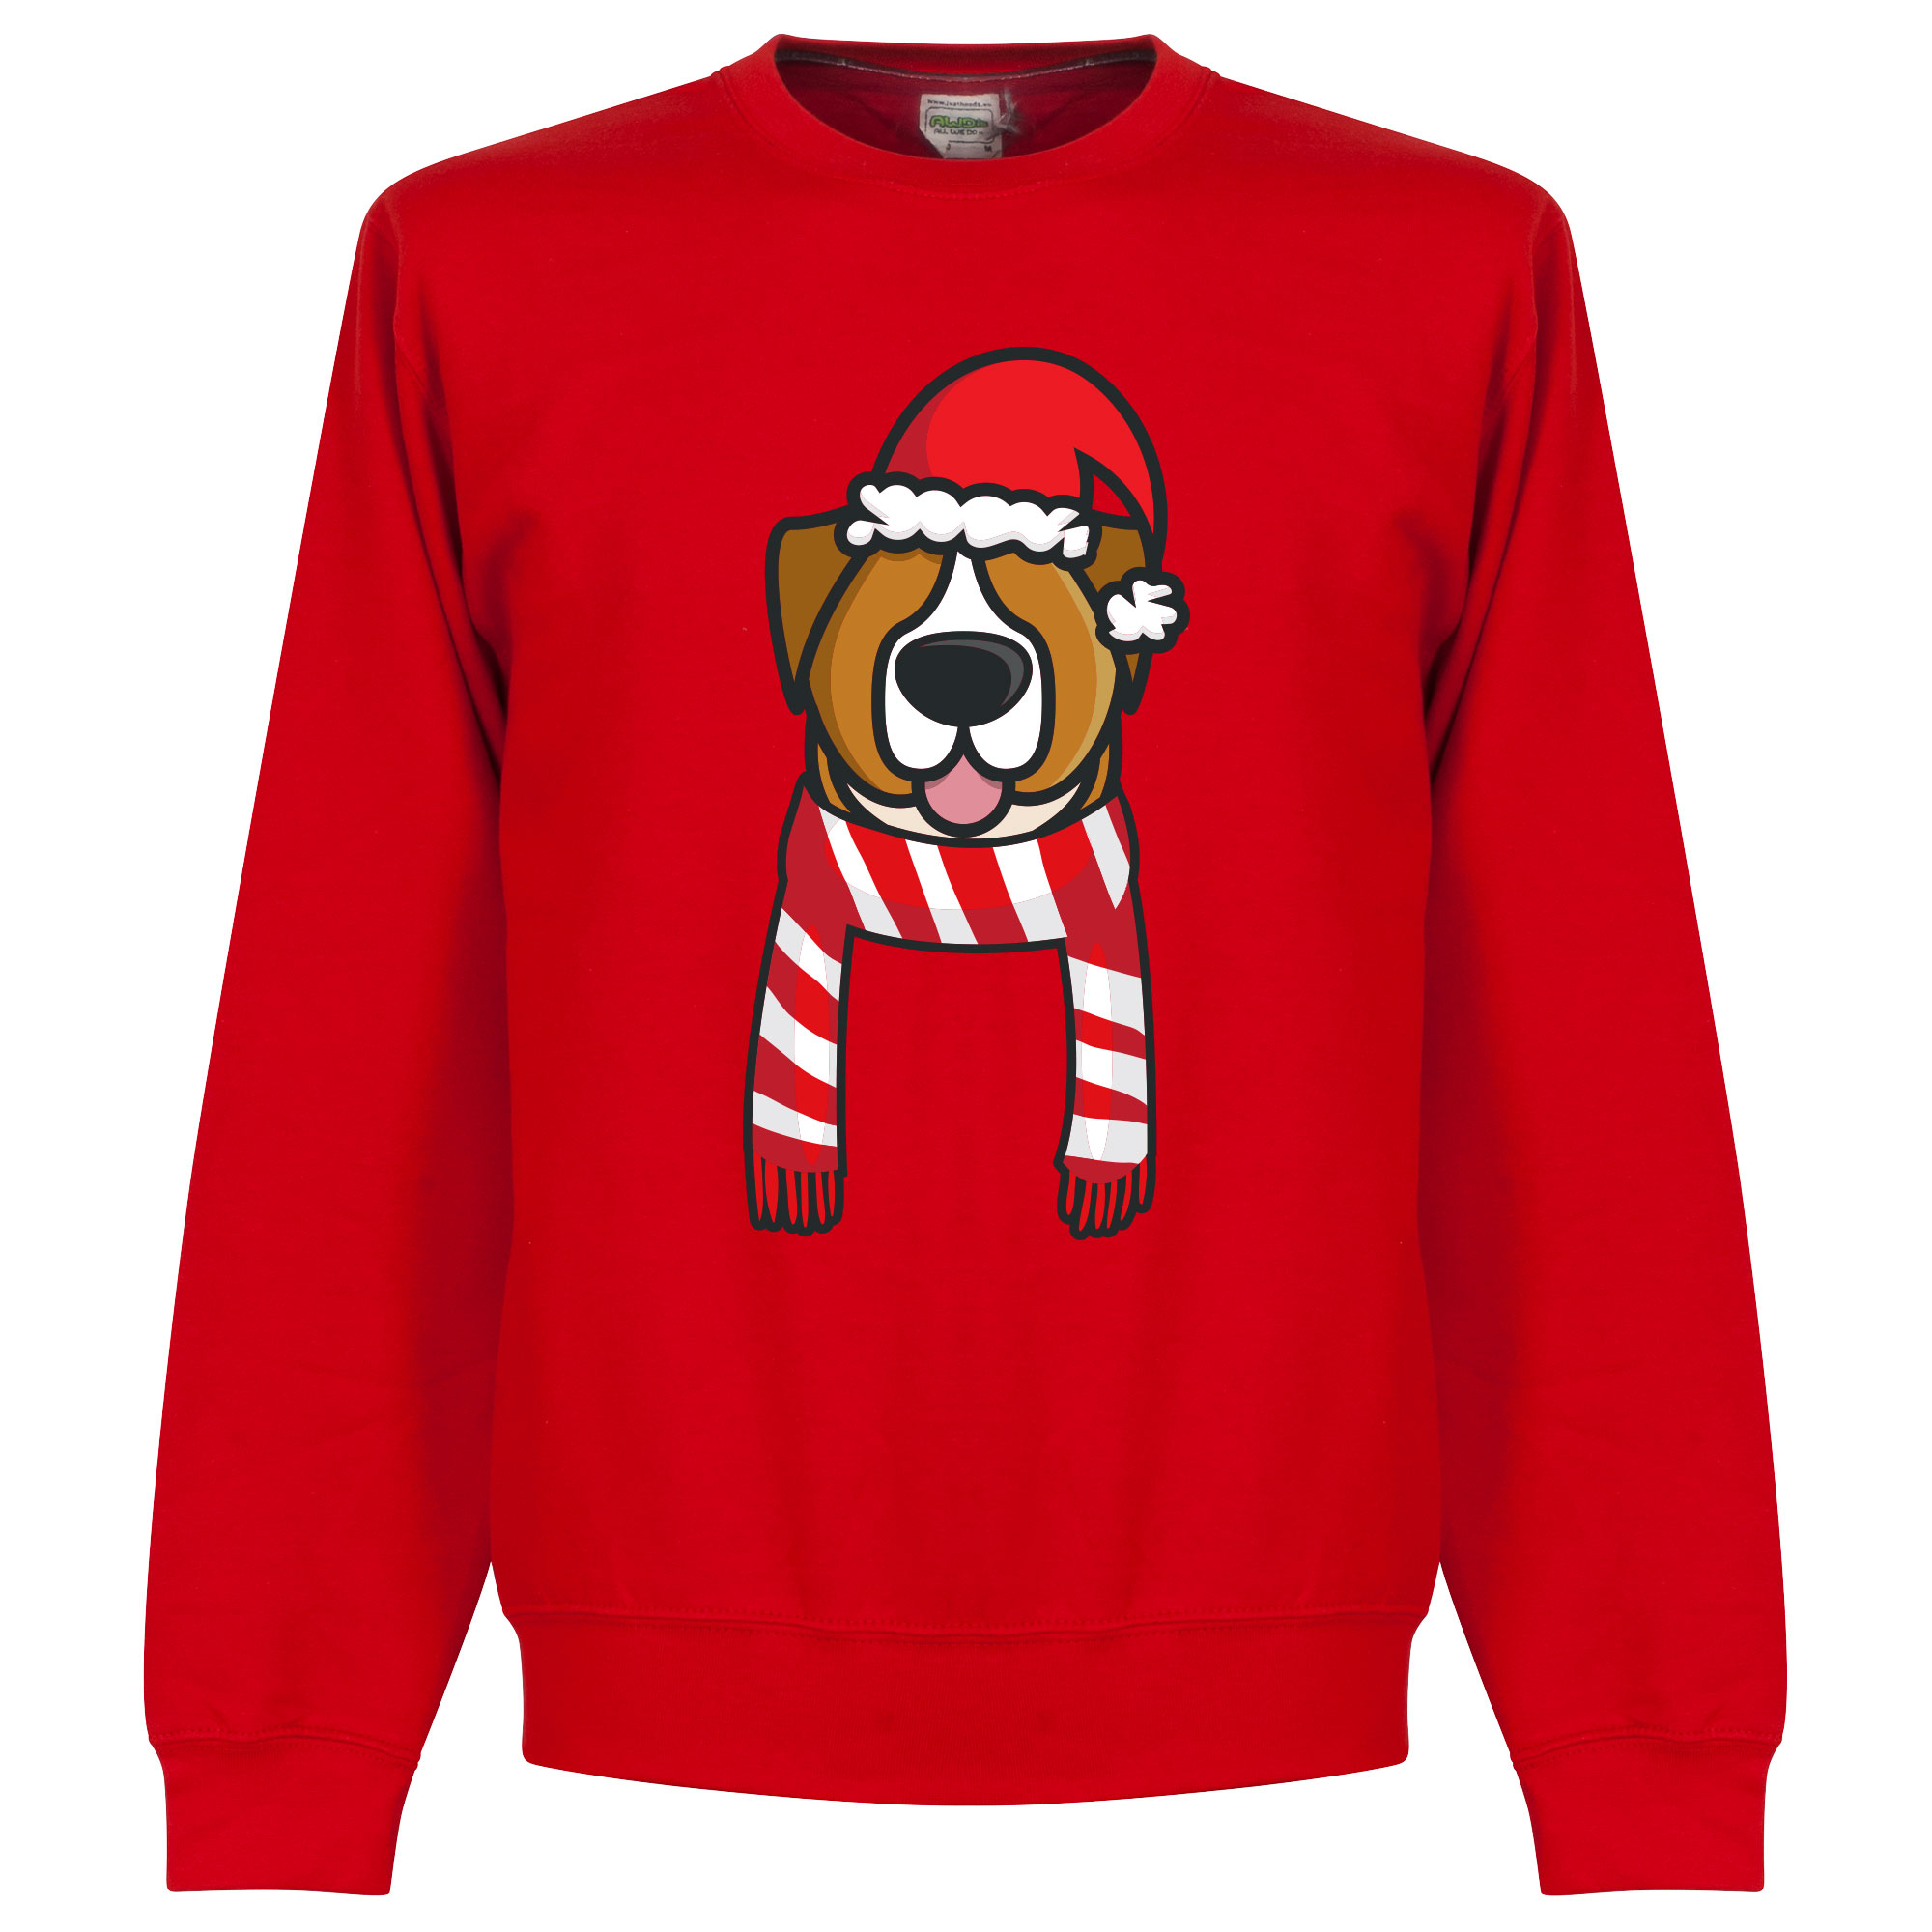 Hond Rood / Wit Supporter kersttrui - Rood - Kinderen